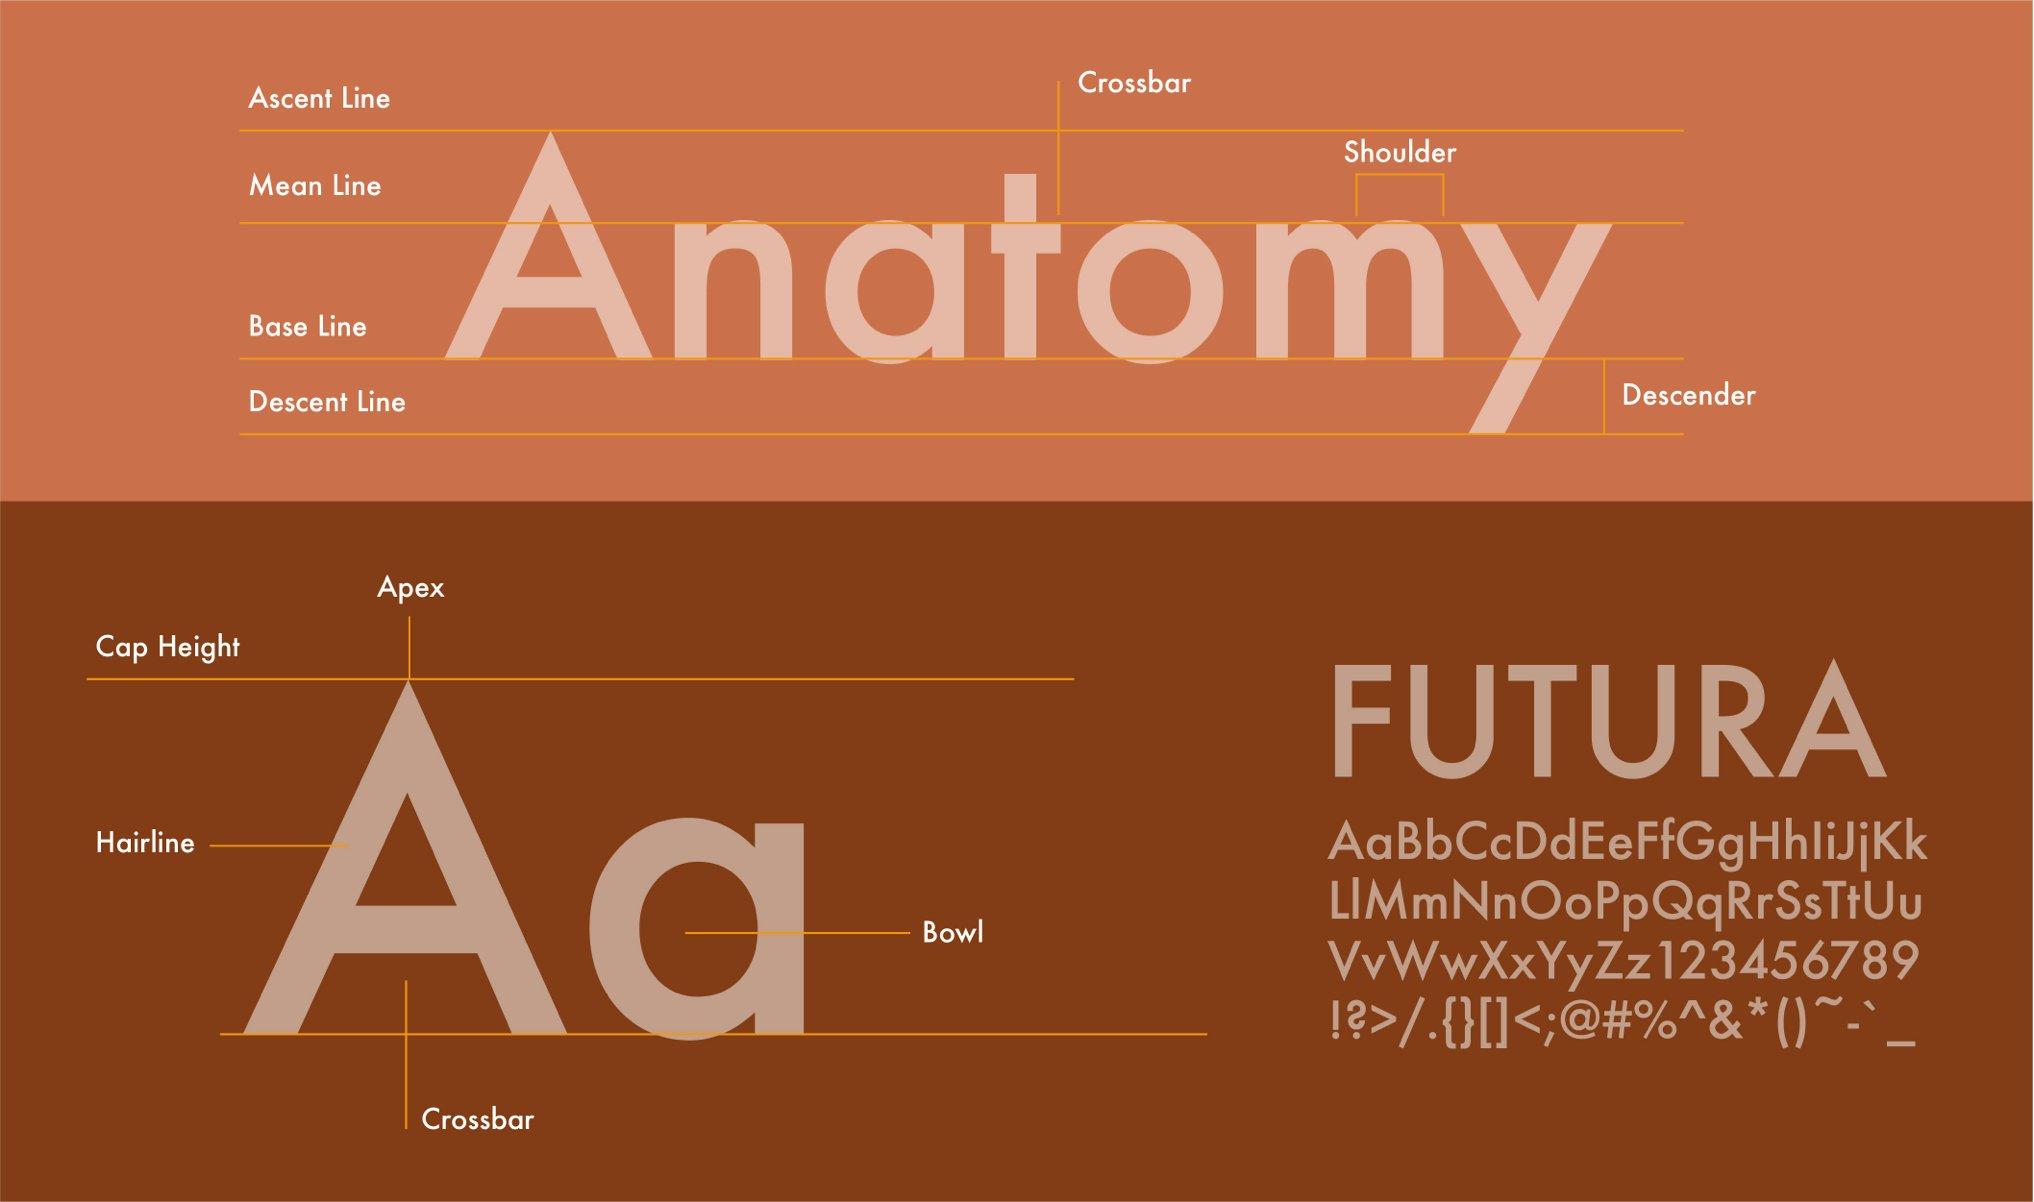 D_Extensis-Futura-Blog-img-06